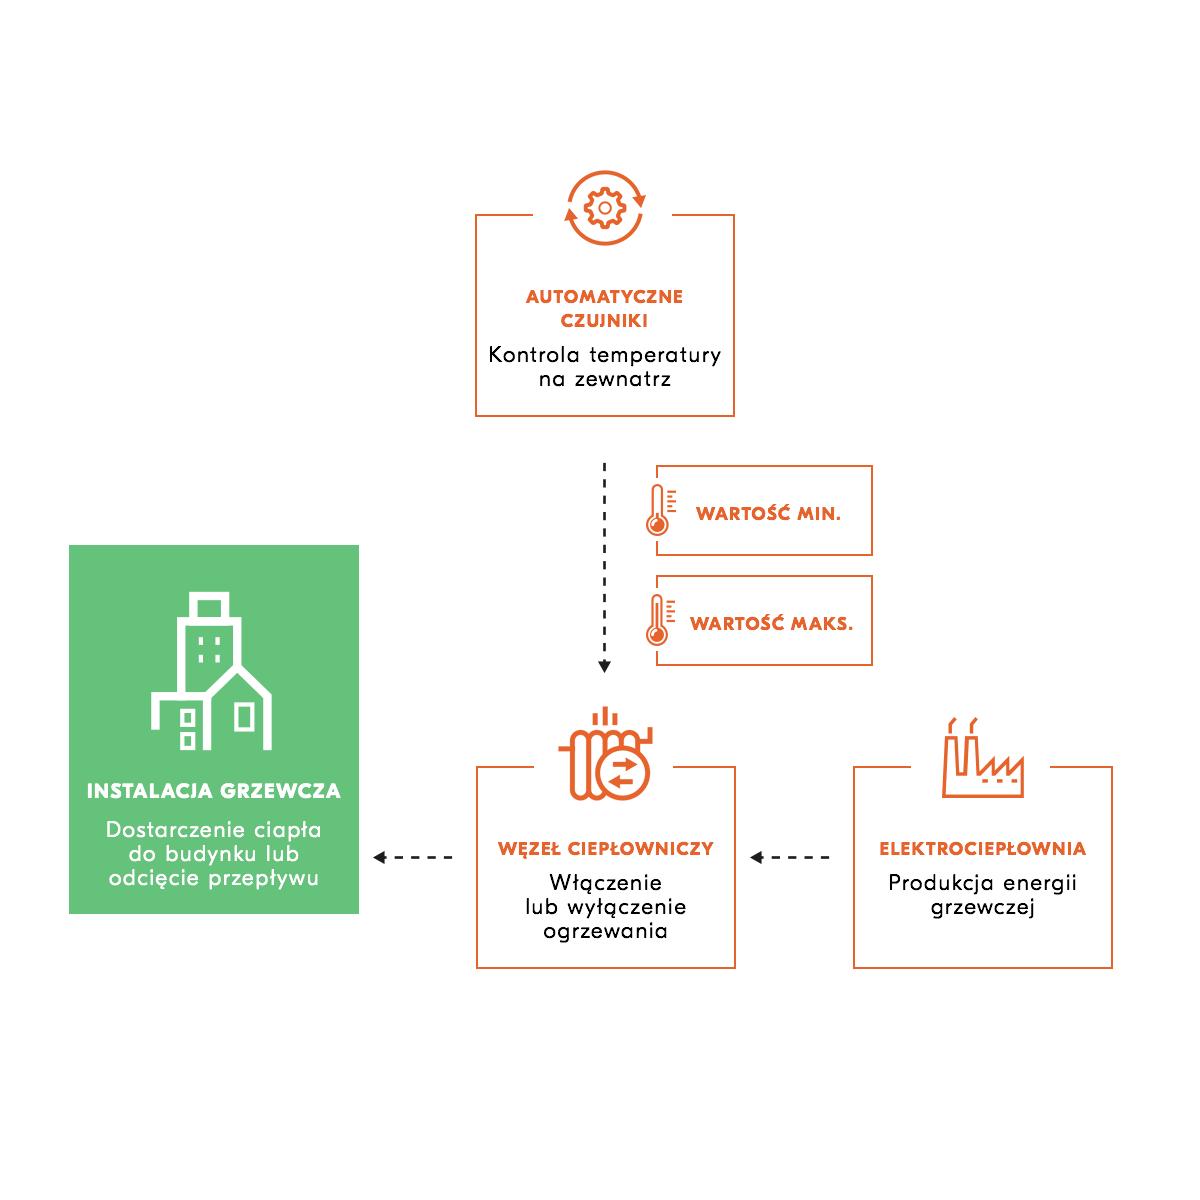 Jak działa automatyka pogodowa?